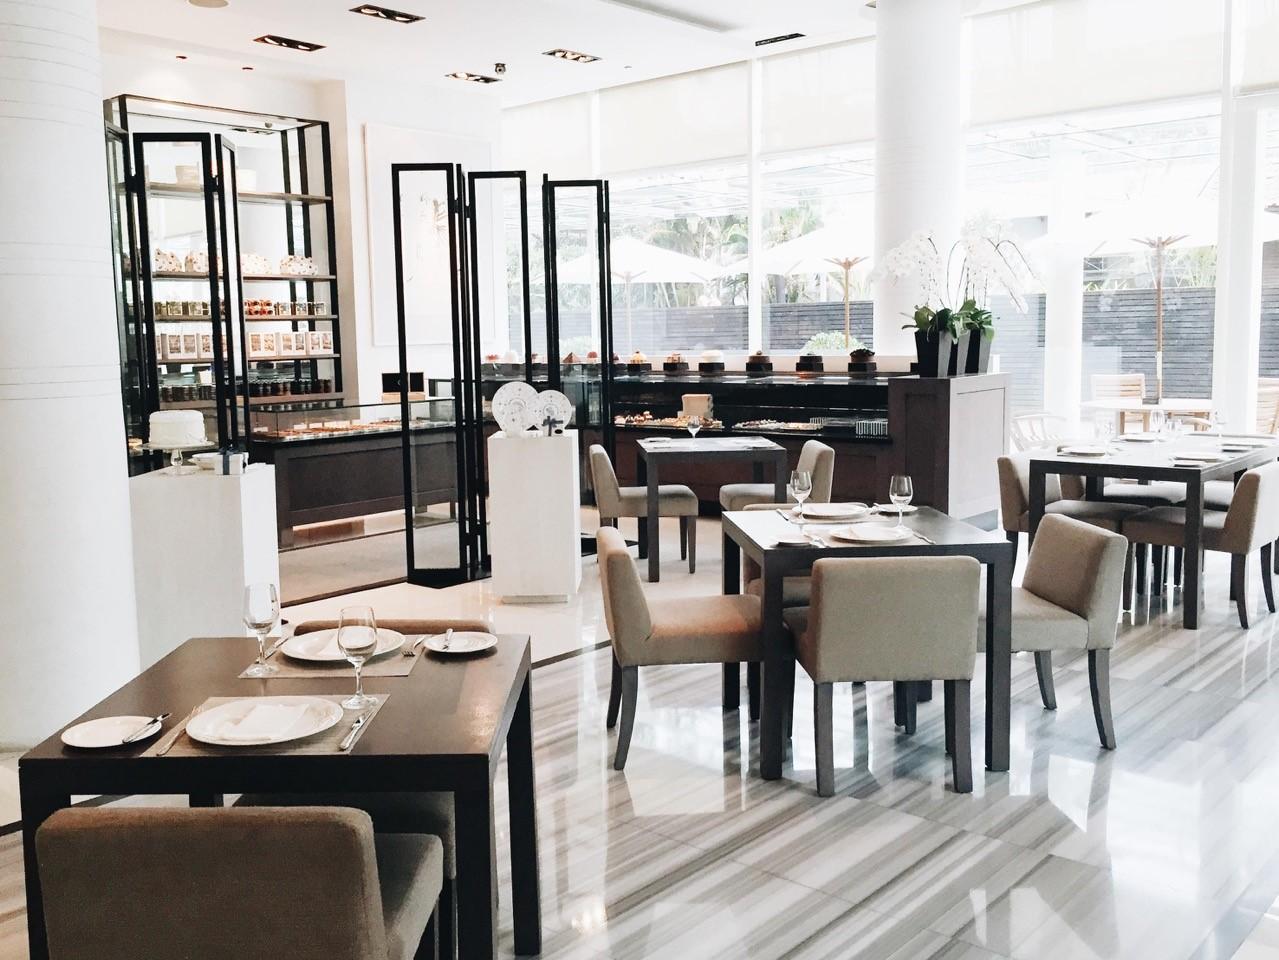 Best-restaurant-venuerific-blog-huize-van-wely